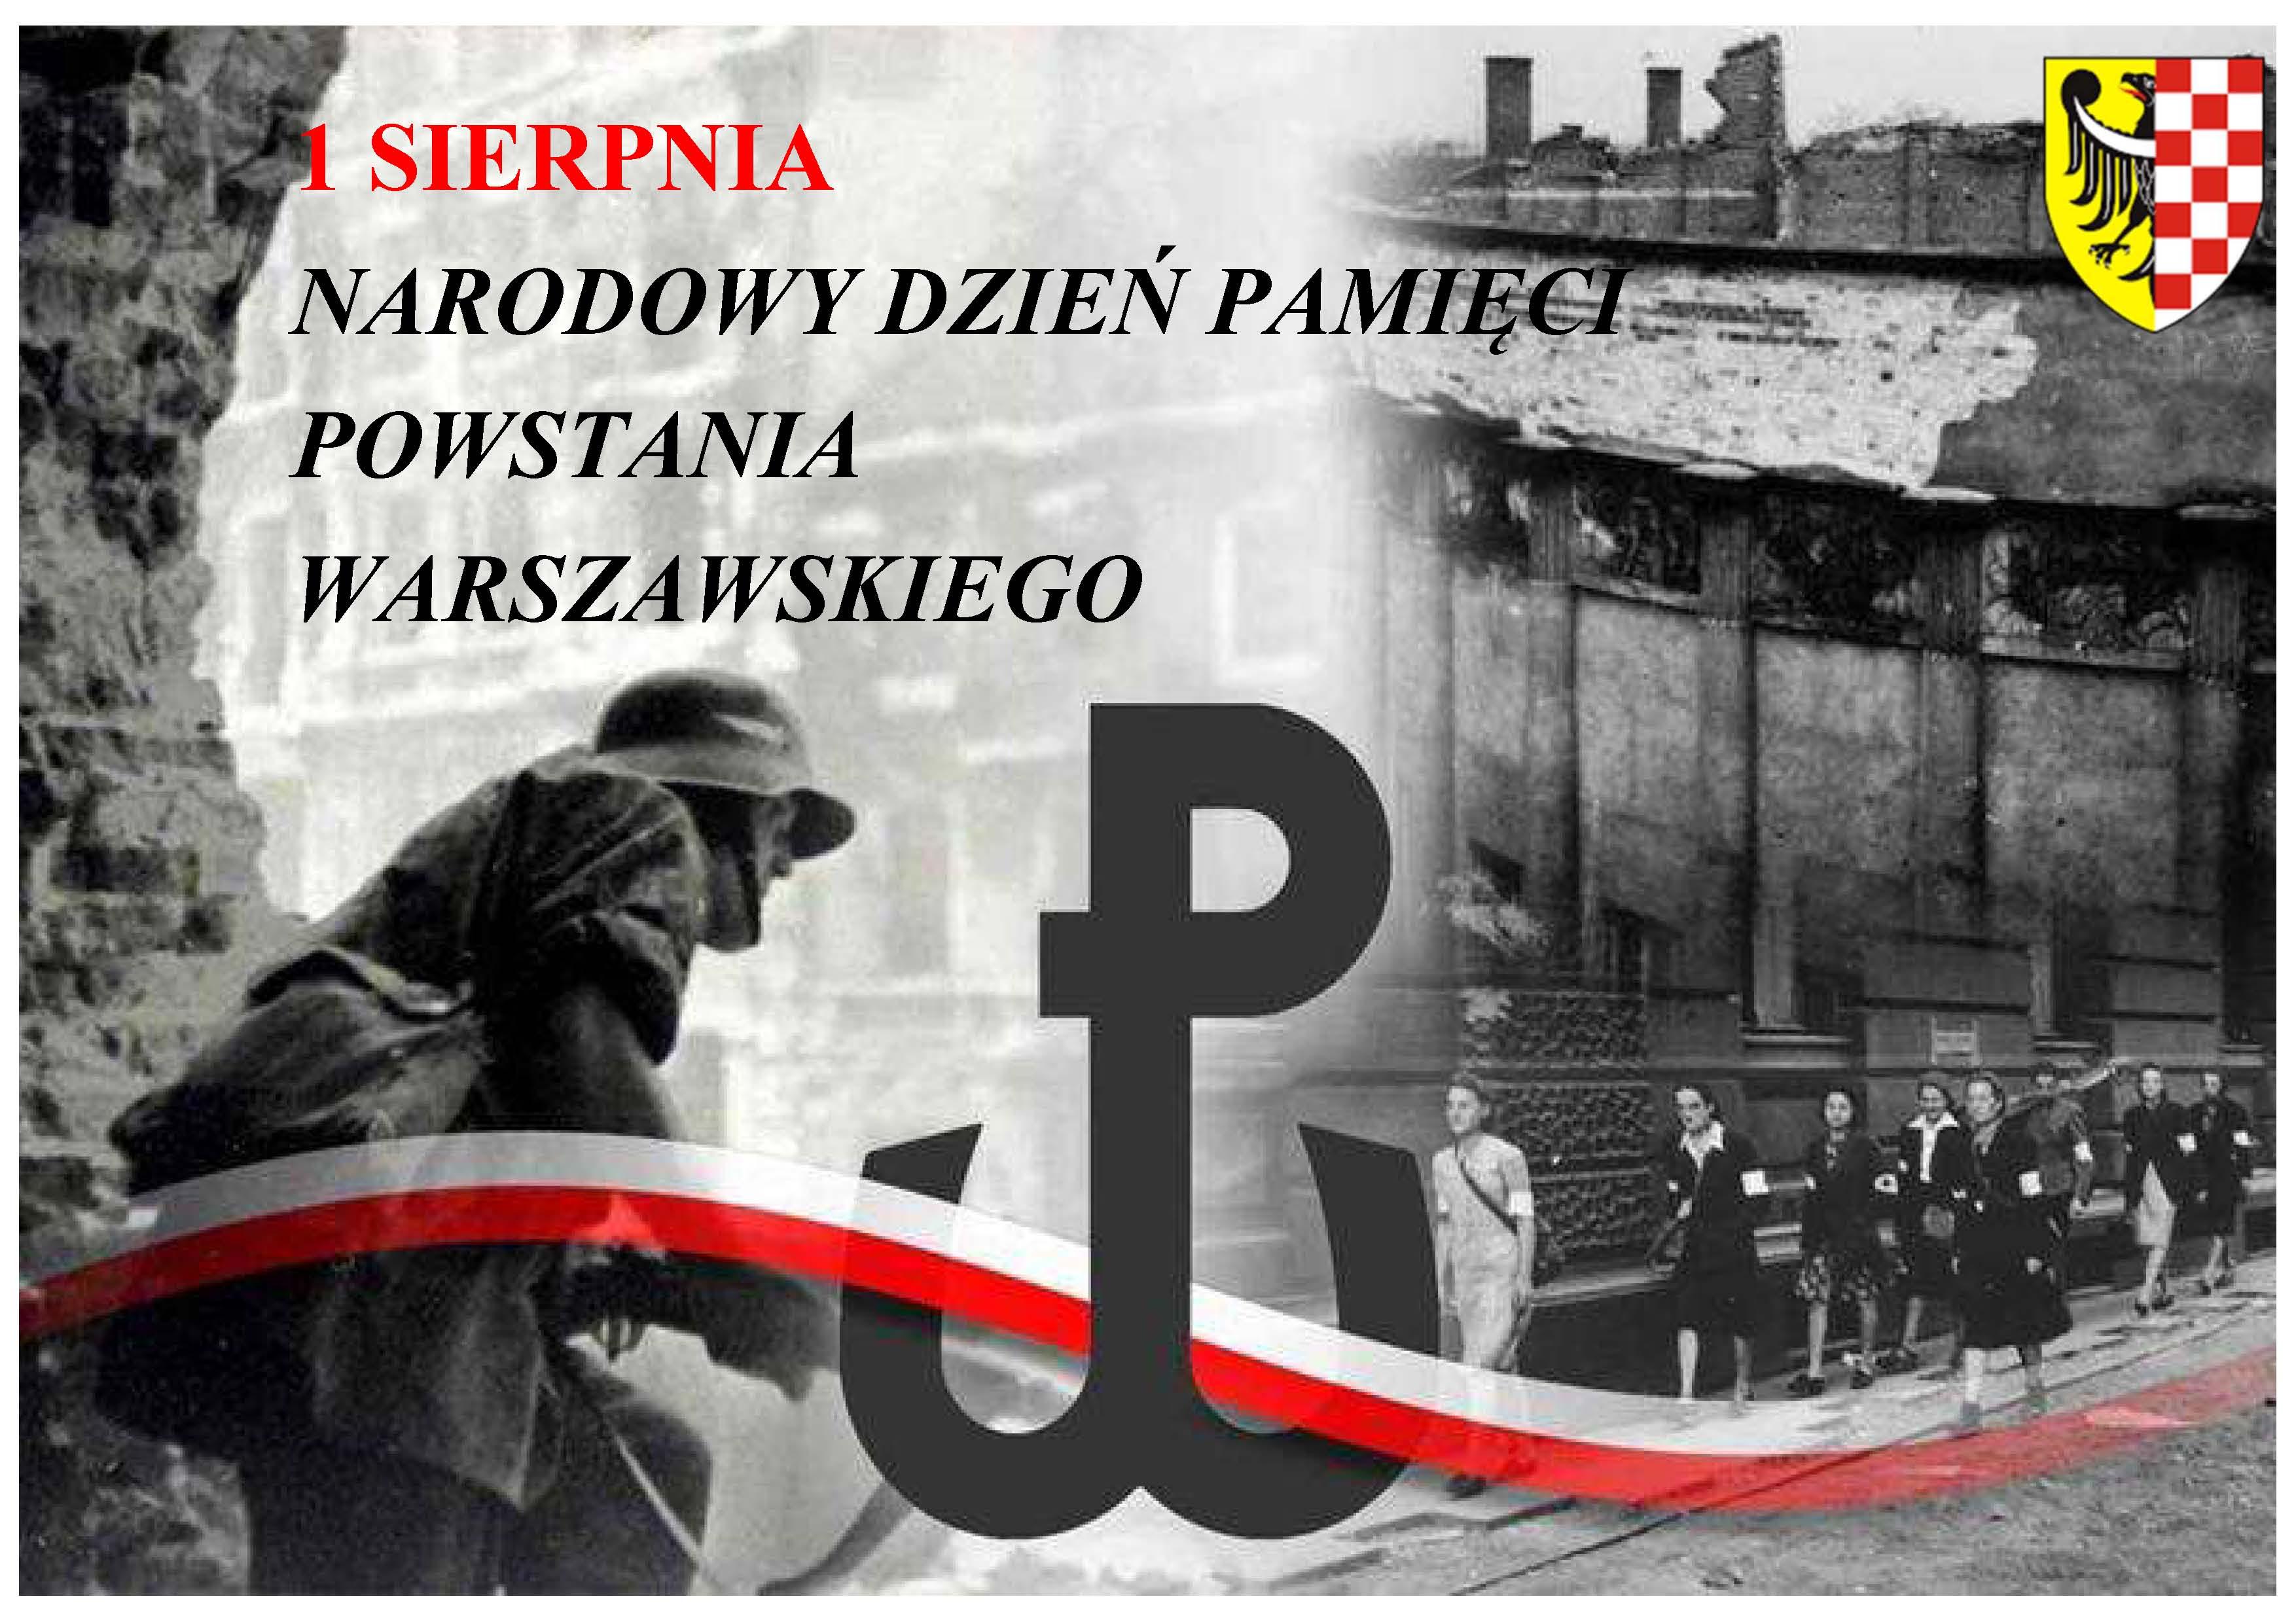 Grafika: 1 Sierpnia, Narodowy Dzień Pamięci Powstania Warszawskiego